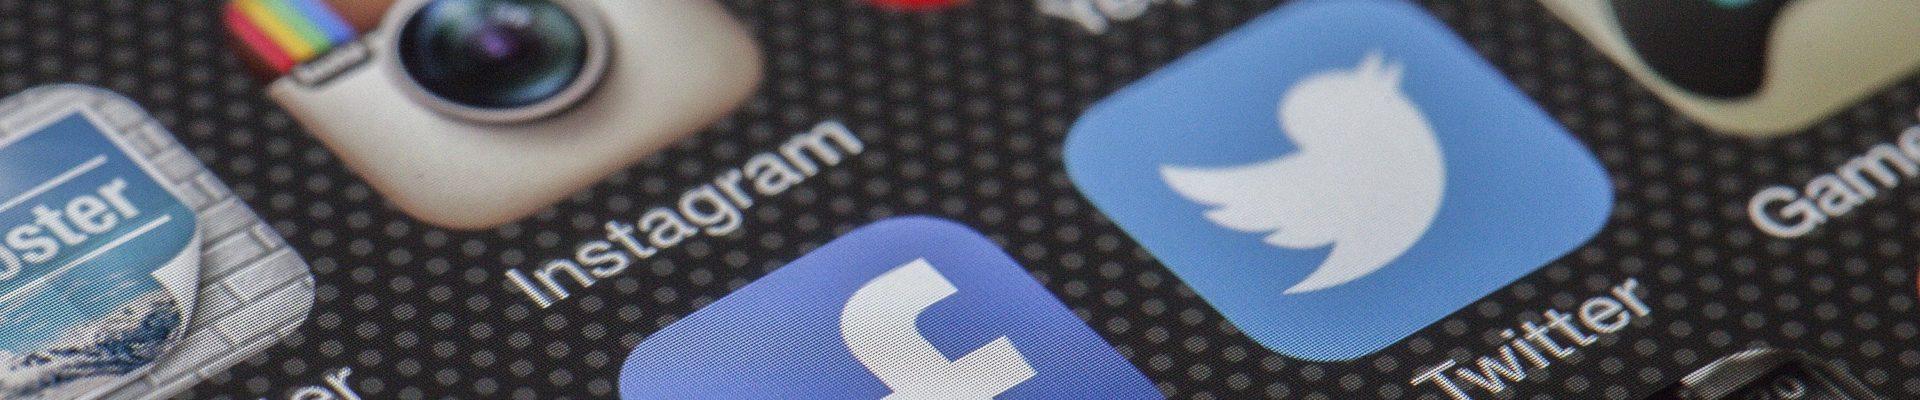 Máni und die sozialen Medien – Teil II